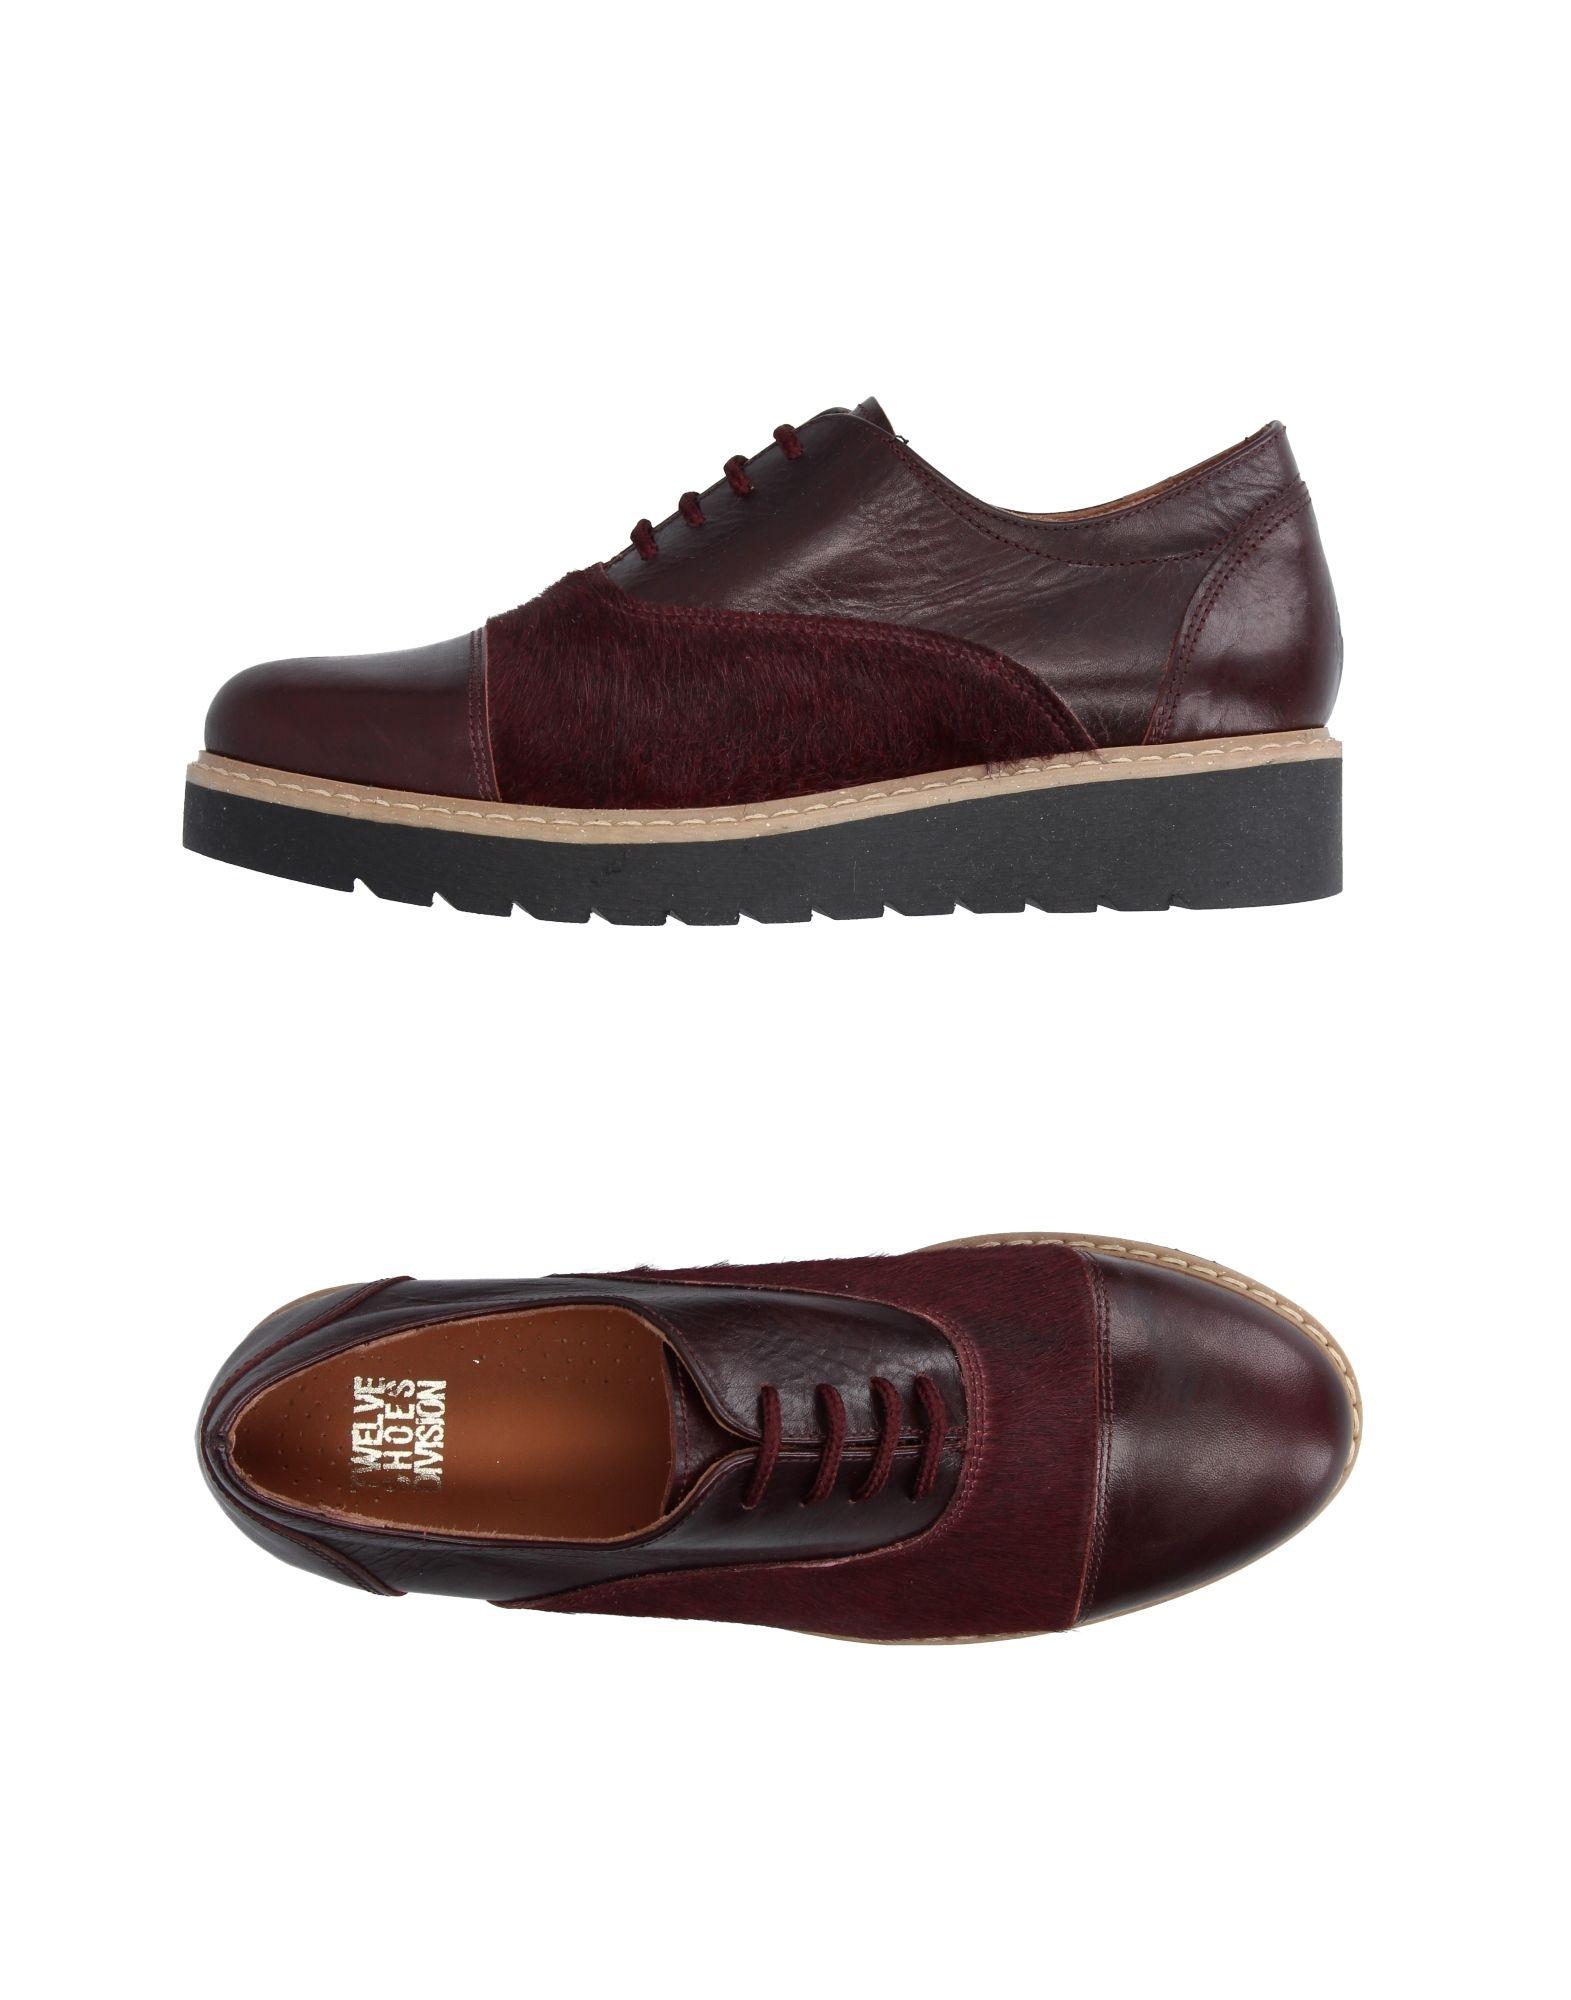 Günstige und modische Schuhe Tsd12 Mokassins Damen  11211489PF